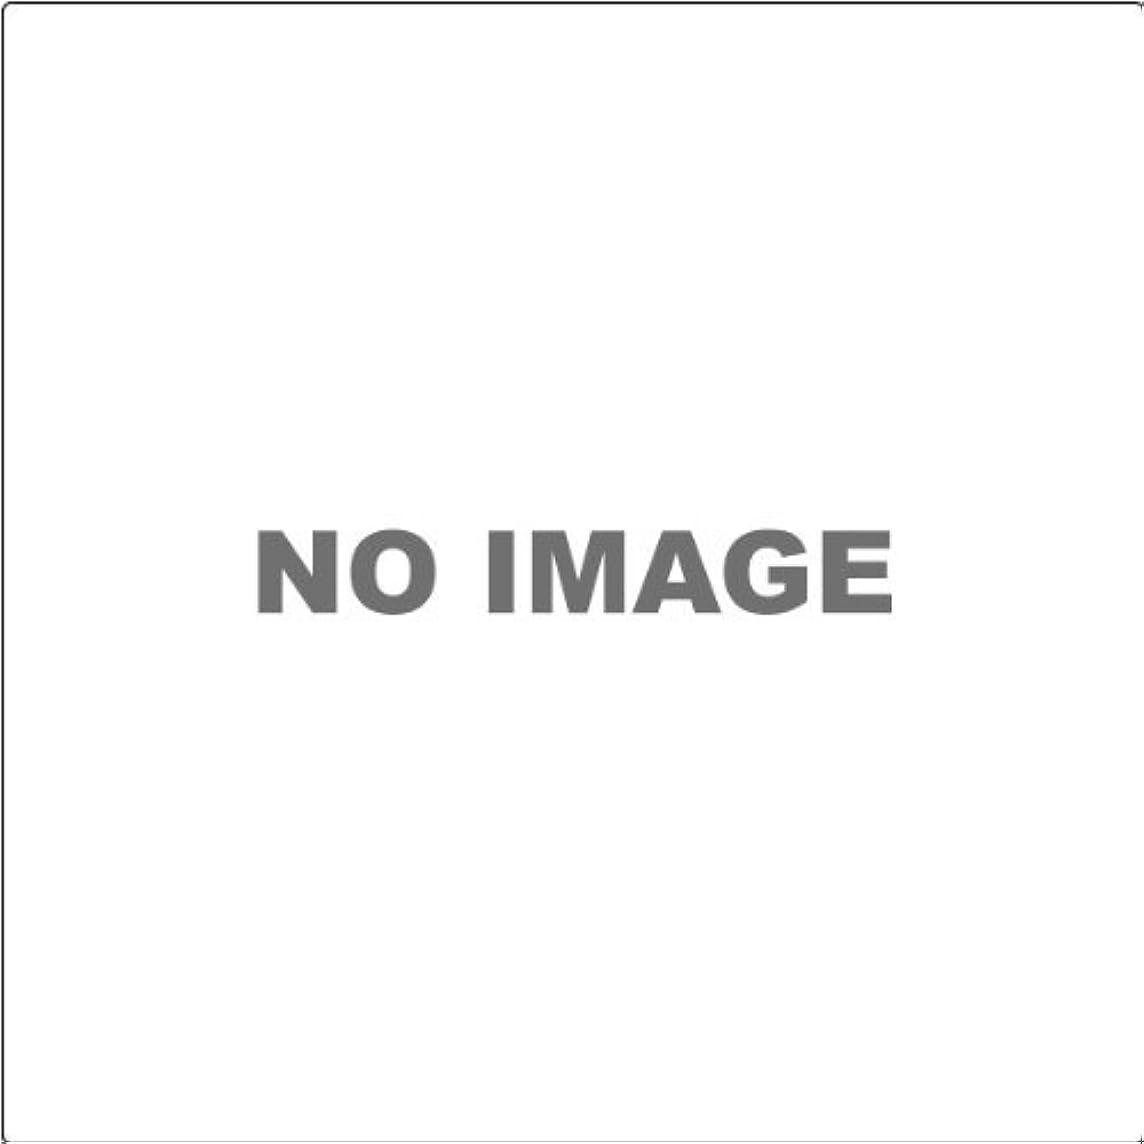 ヘア知覚する金属エトスデザイン(ETHOS Design) TRY-1 TR92 トライワン?コンペグローブ レッド Sサイズ T5292RS T5292RS TR92